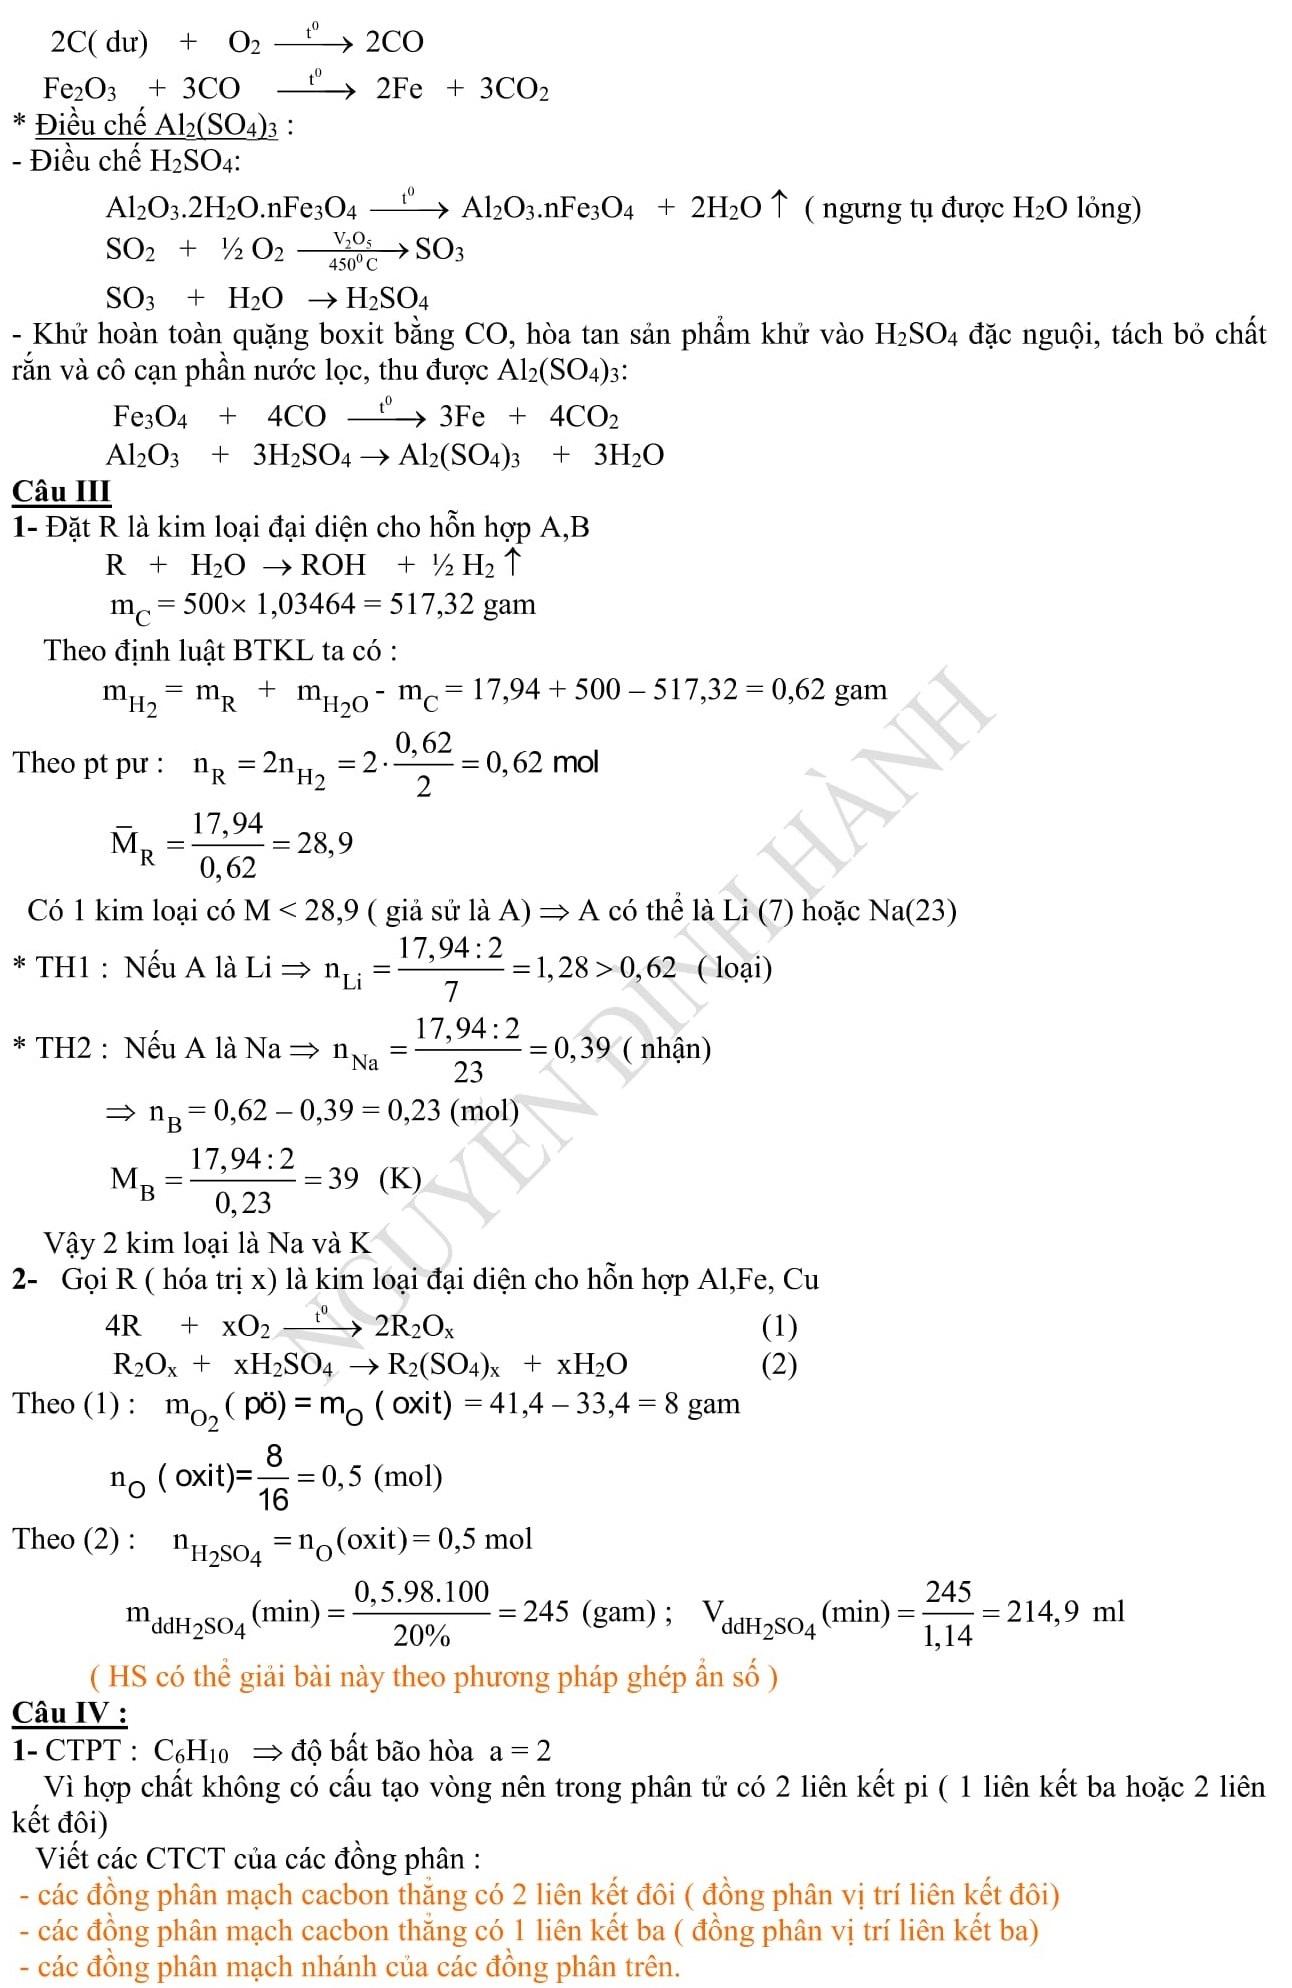 Đáp án và đề thi HSG Hóa Học 9 phòng GD&ĐT Hưng Yên 2010-2011